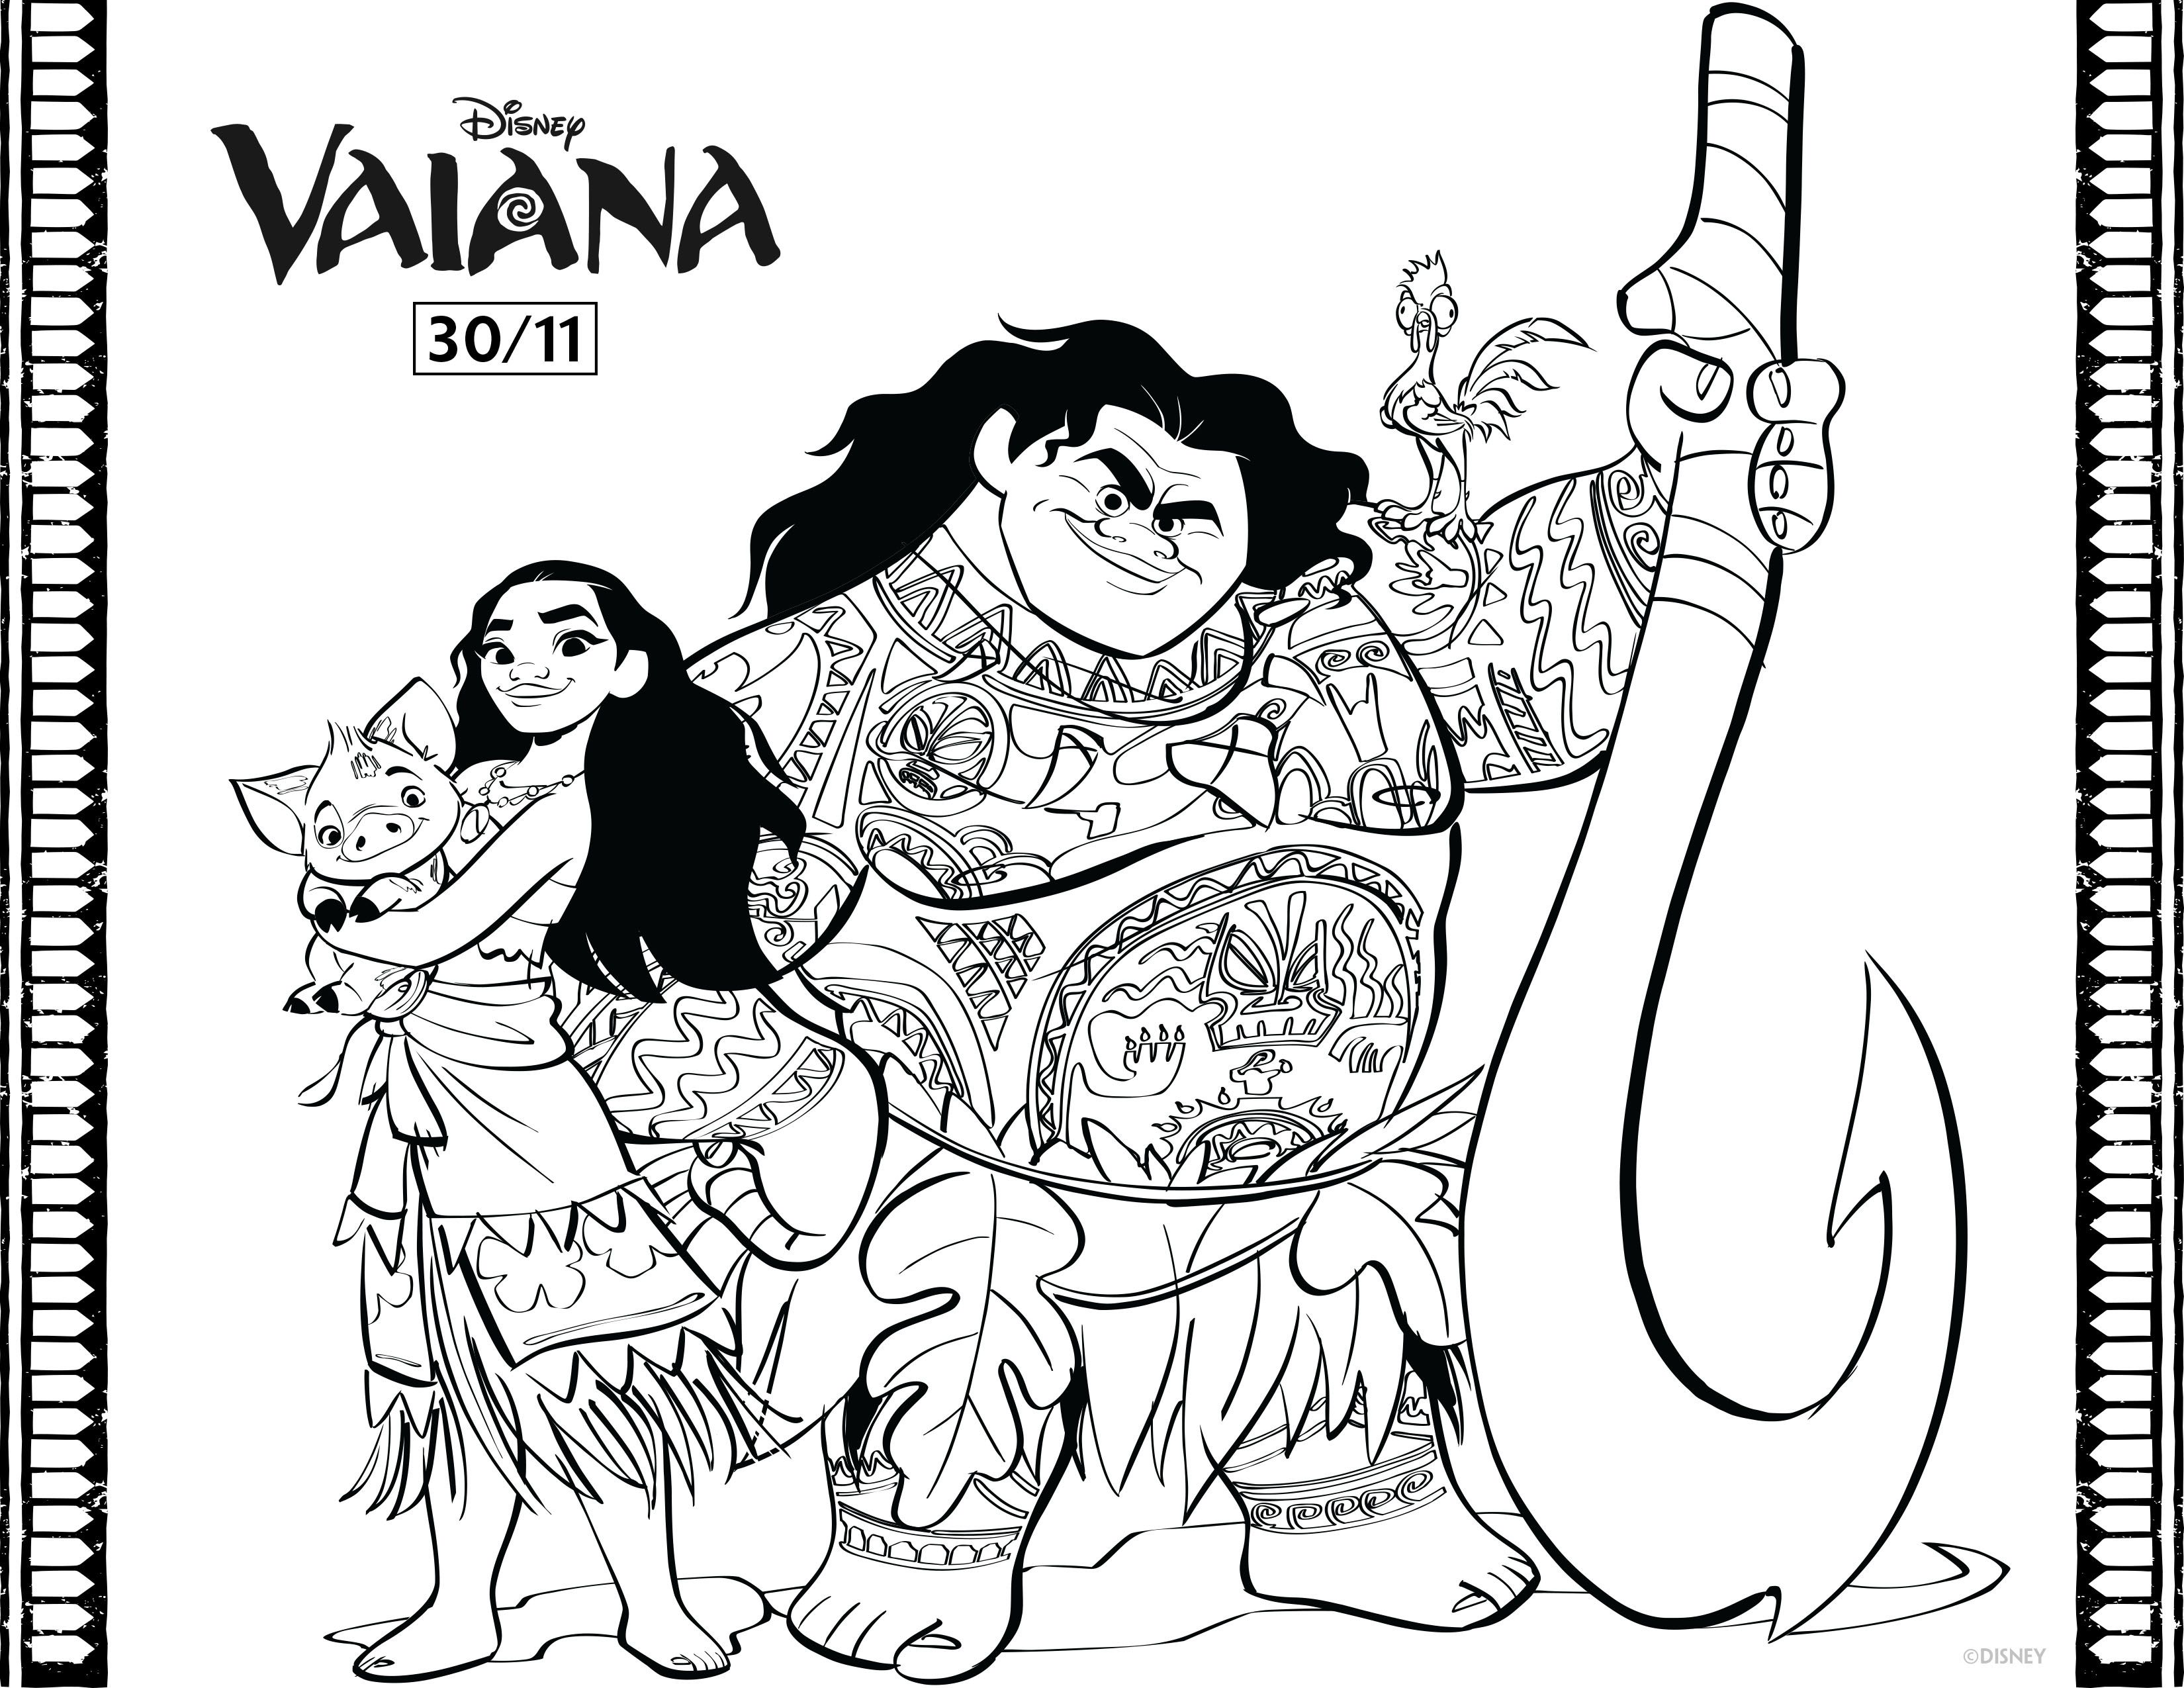 Vaiana et Maui les nouveaux héros de DisneyA partir de la galerie Vaiana